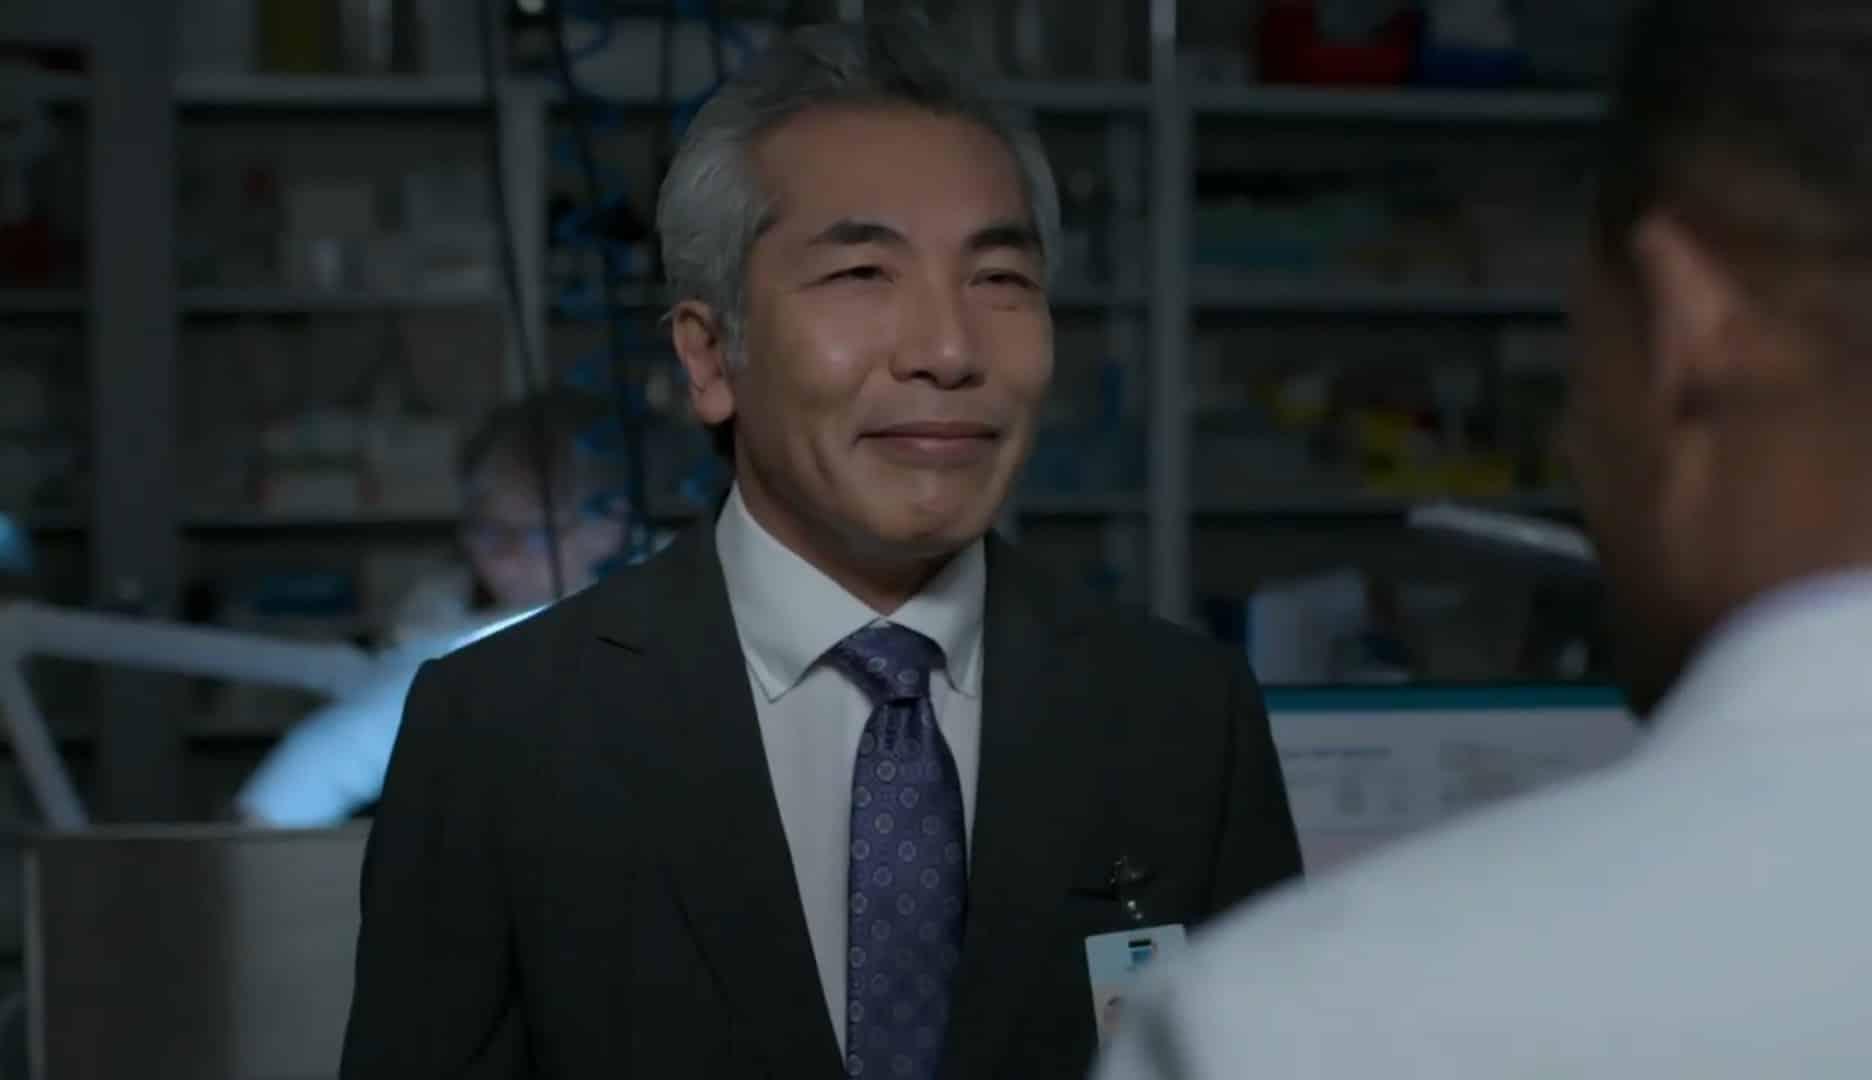 Dr. Nakano (Hiro Kanagawa) smiling